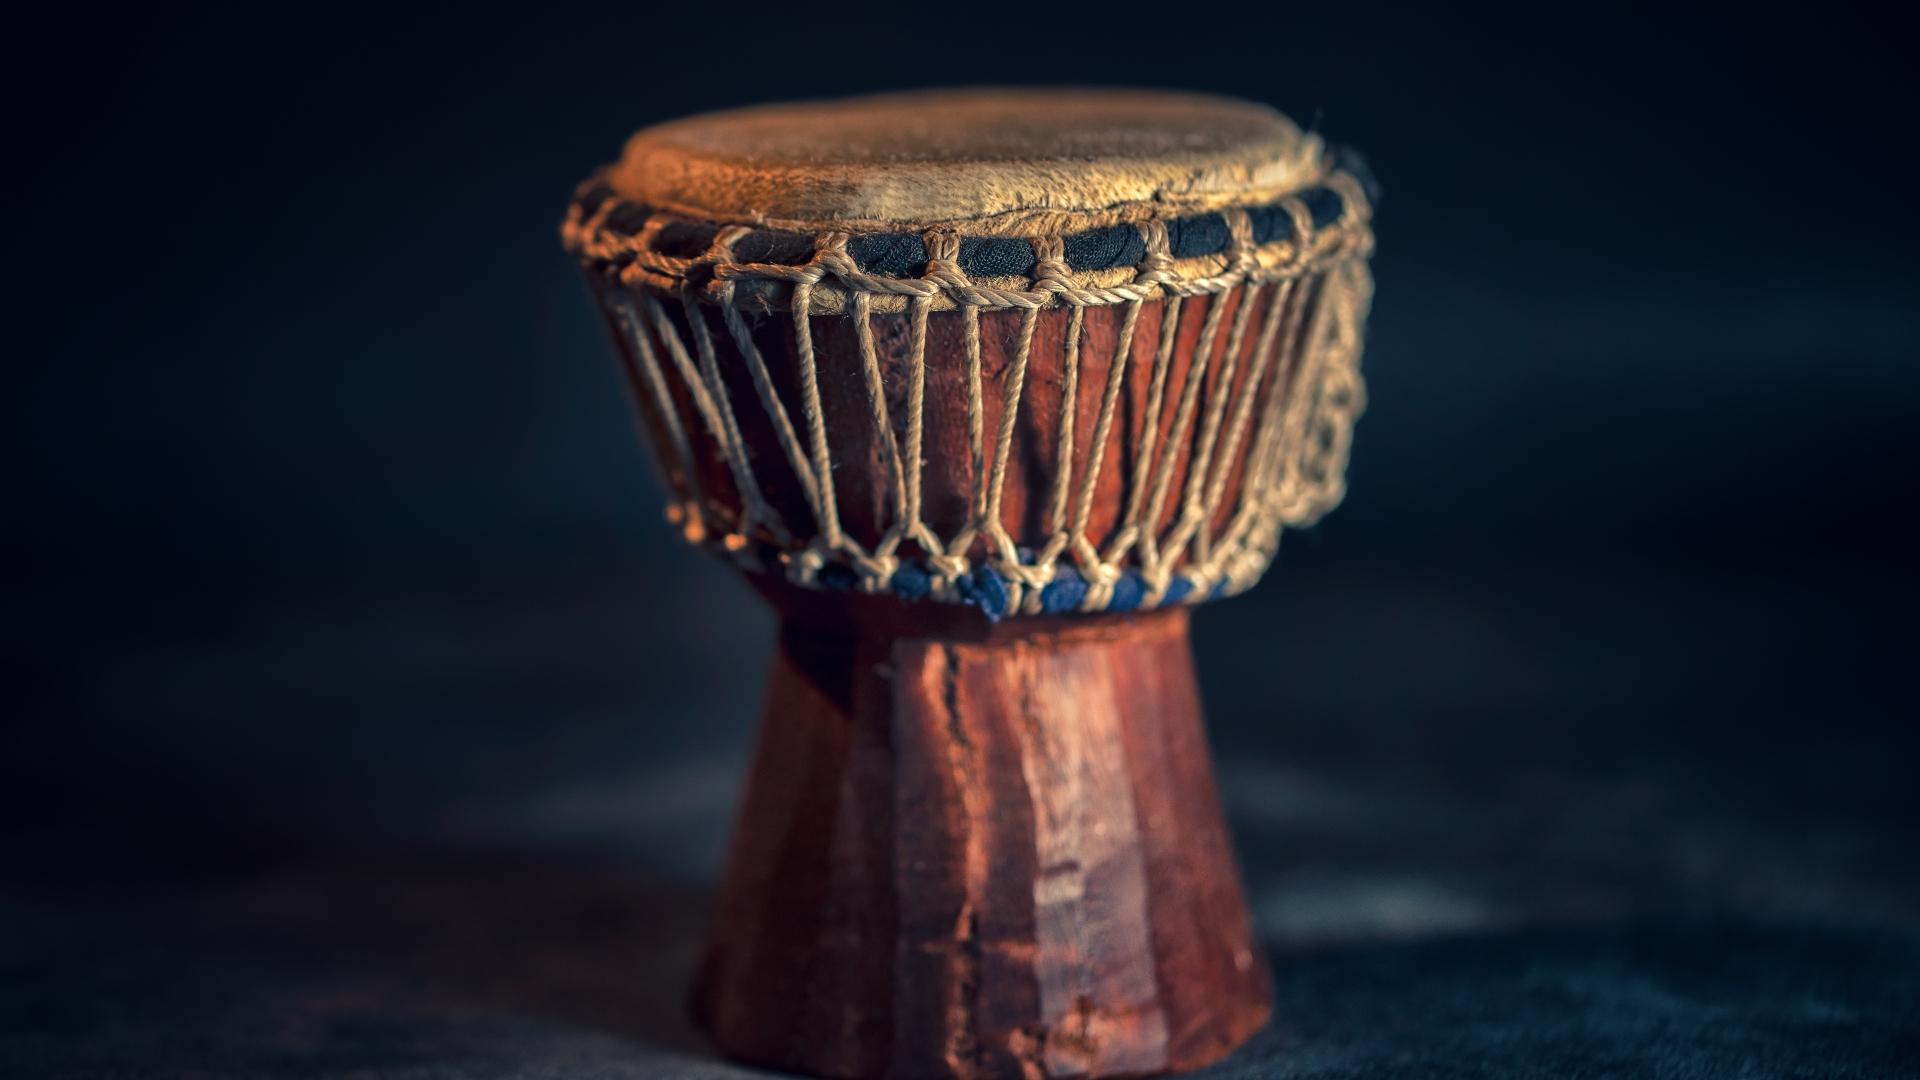 Trommel, Musik, unsplash.com, Paul Zoetemeijer